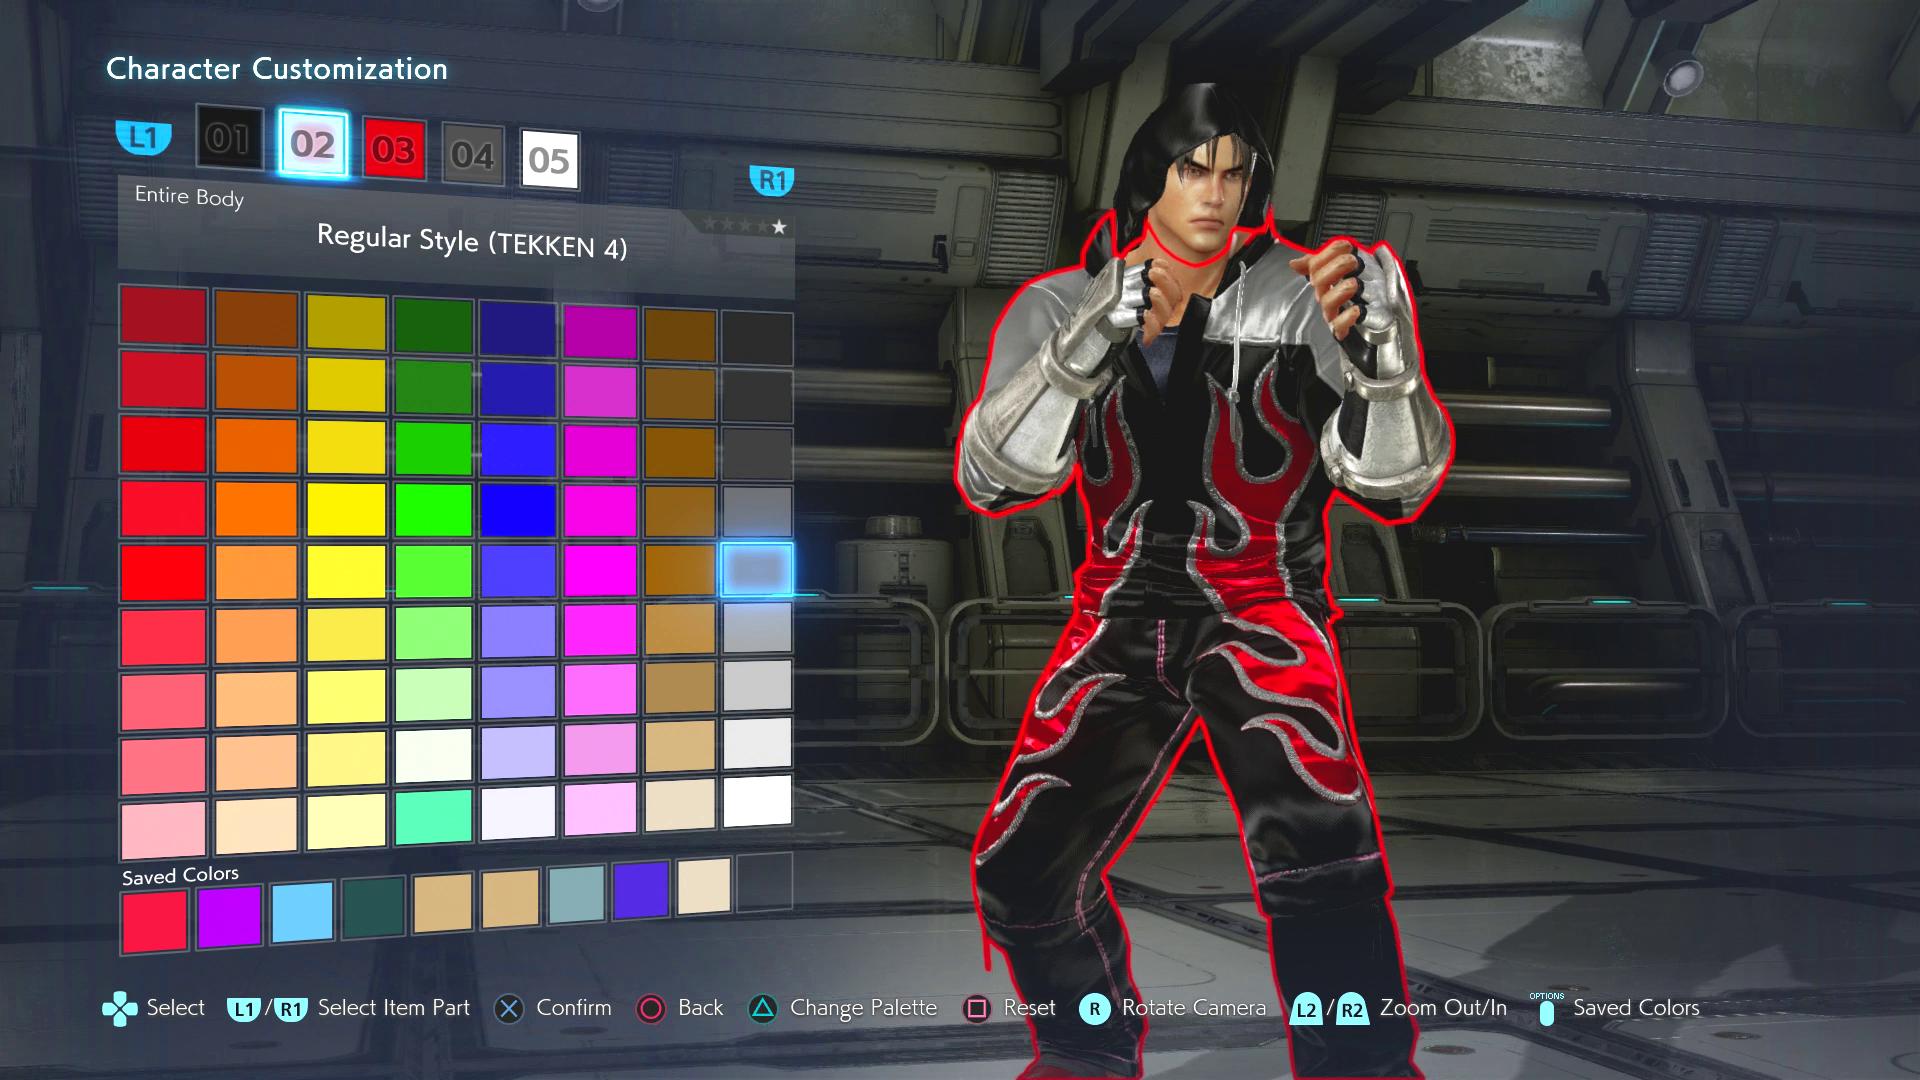 Tekken7 Jinkazama Customization Tfg Colors Tekken 7 Character Customization Ideas 1920x1080 Wallpaper Teahub Io